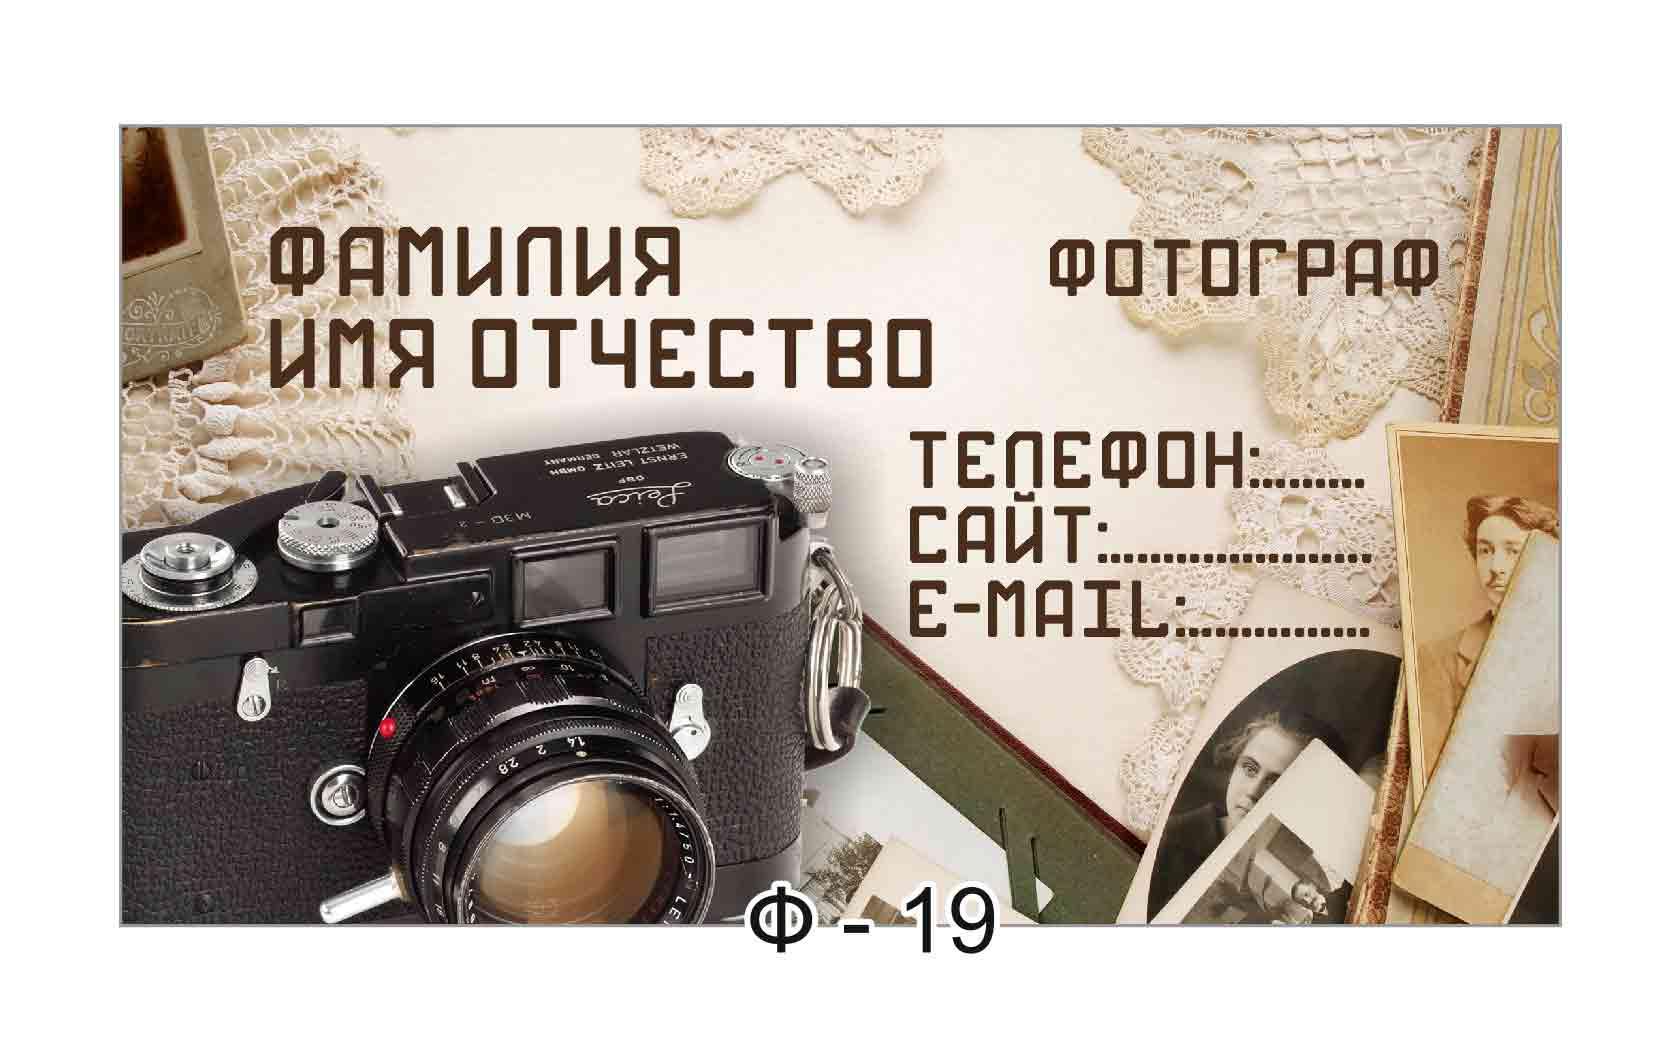 Визитки для фотографа шаблоны скачать бесплатно ...: http://tanghadi.hatenablog.com/entry/2017/05/22/214954